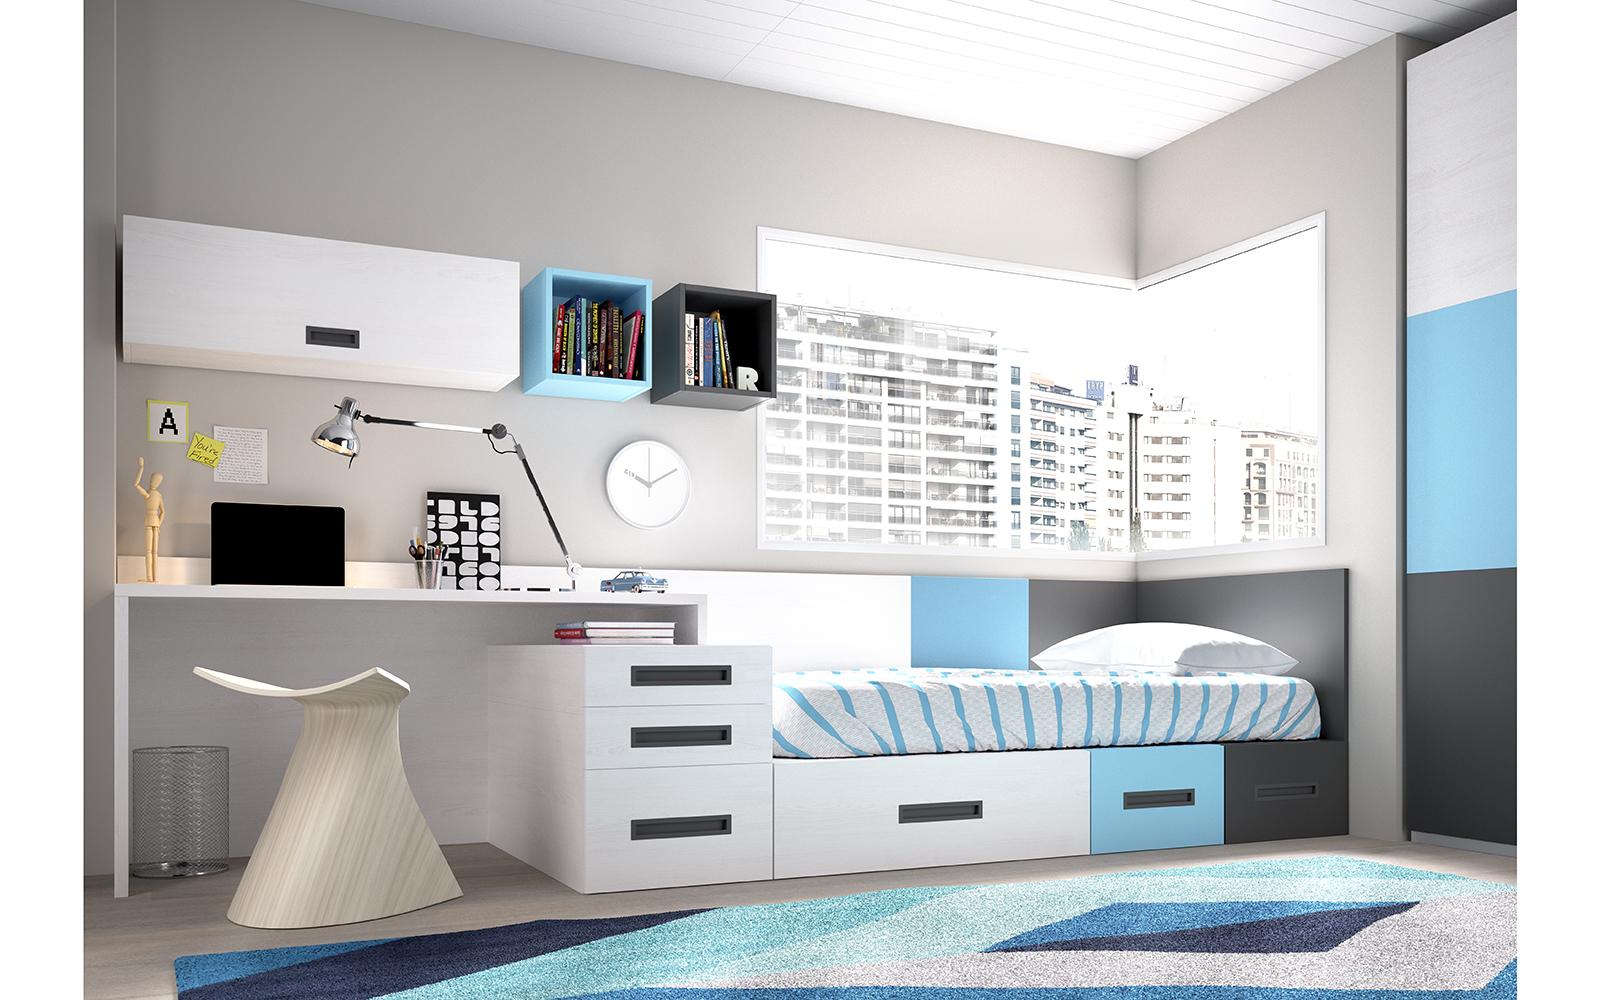 Dormitorios Juveniles Nidos Muebles Ib Ez Tienda De Muebles  # Muebles Dormitorios